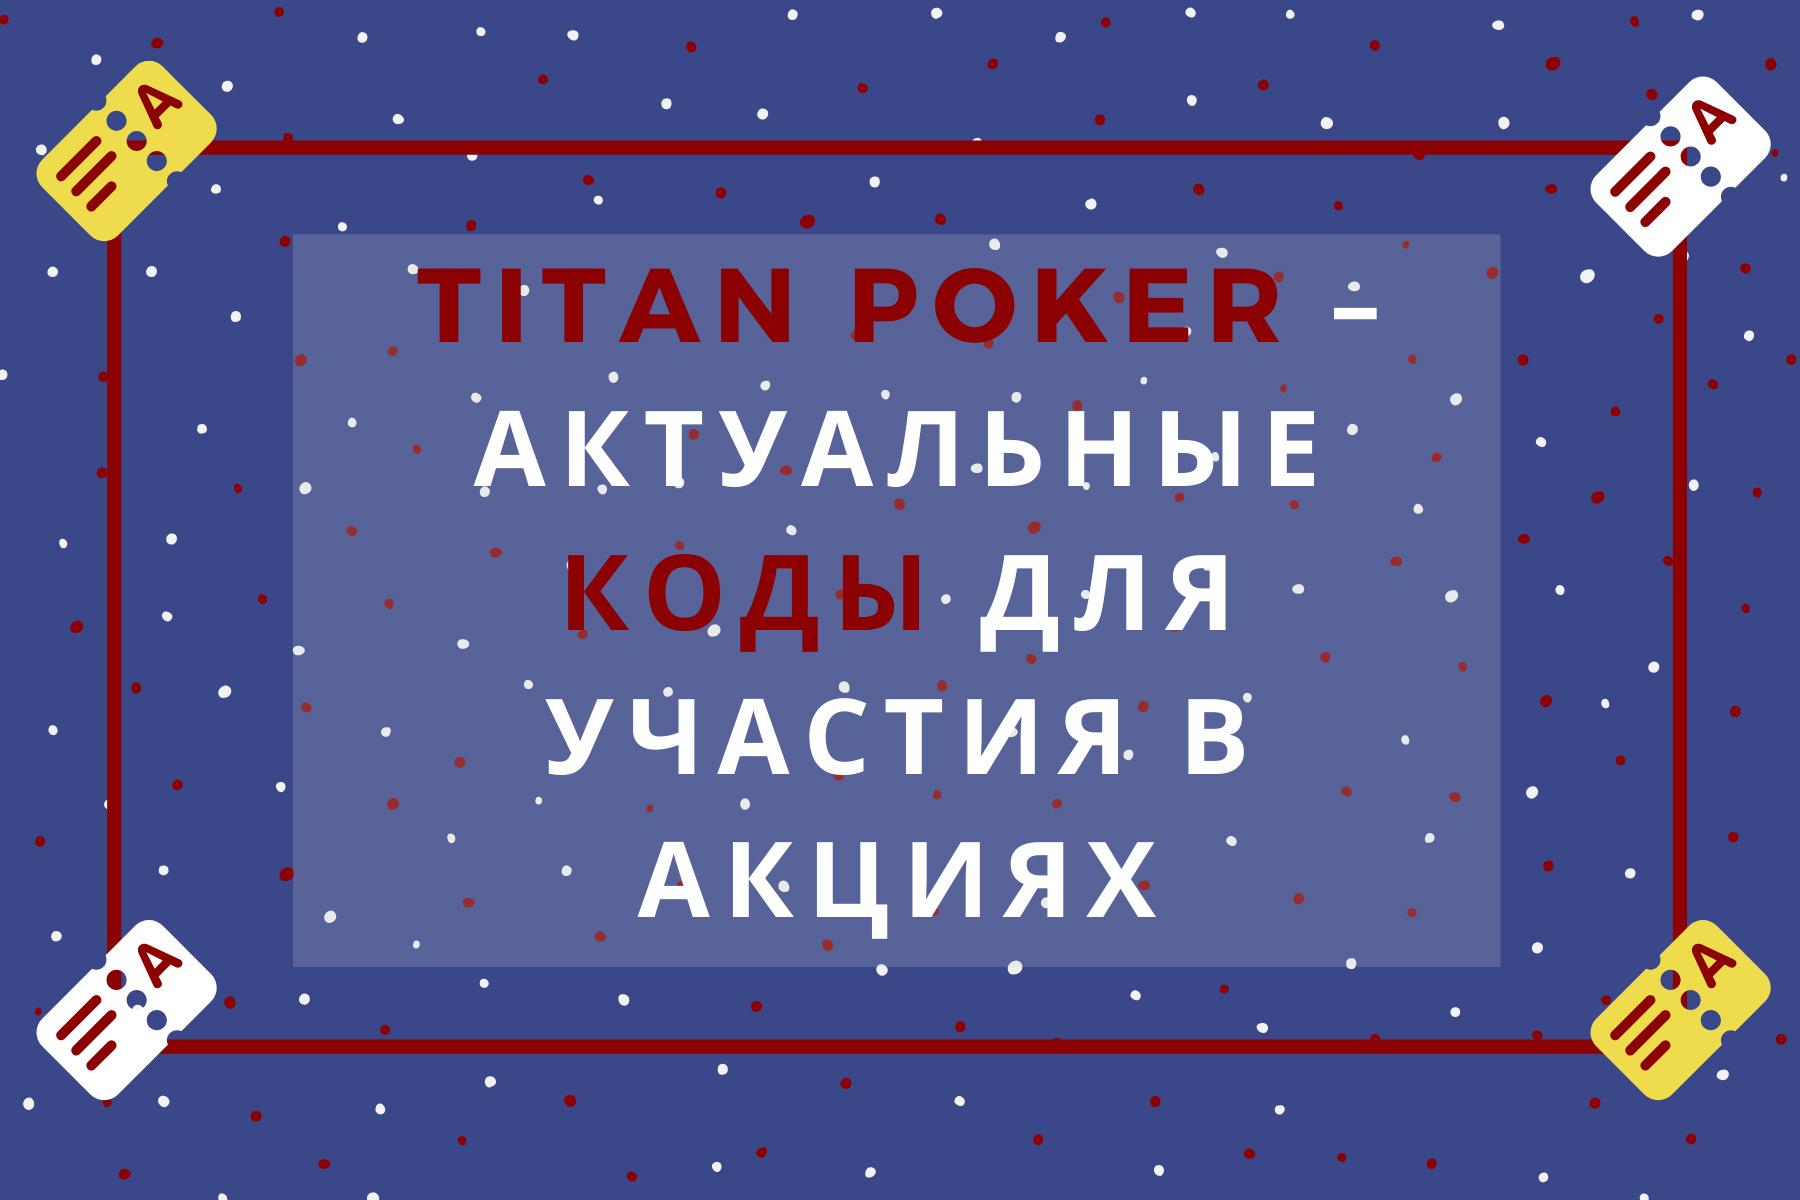 Актуальные промокоды рума Titanpoker для участия в акциях.